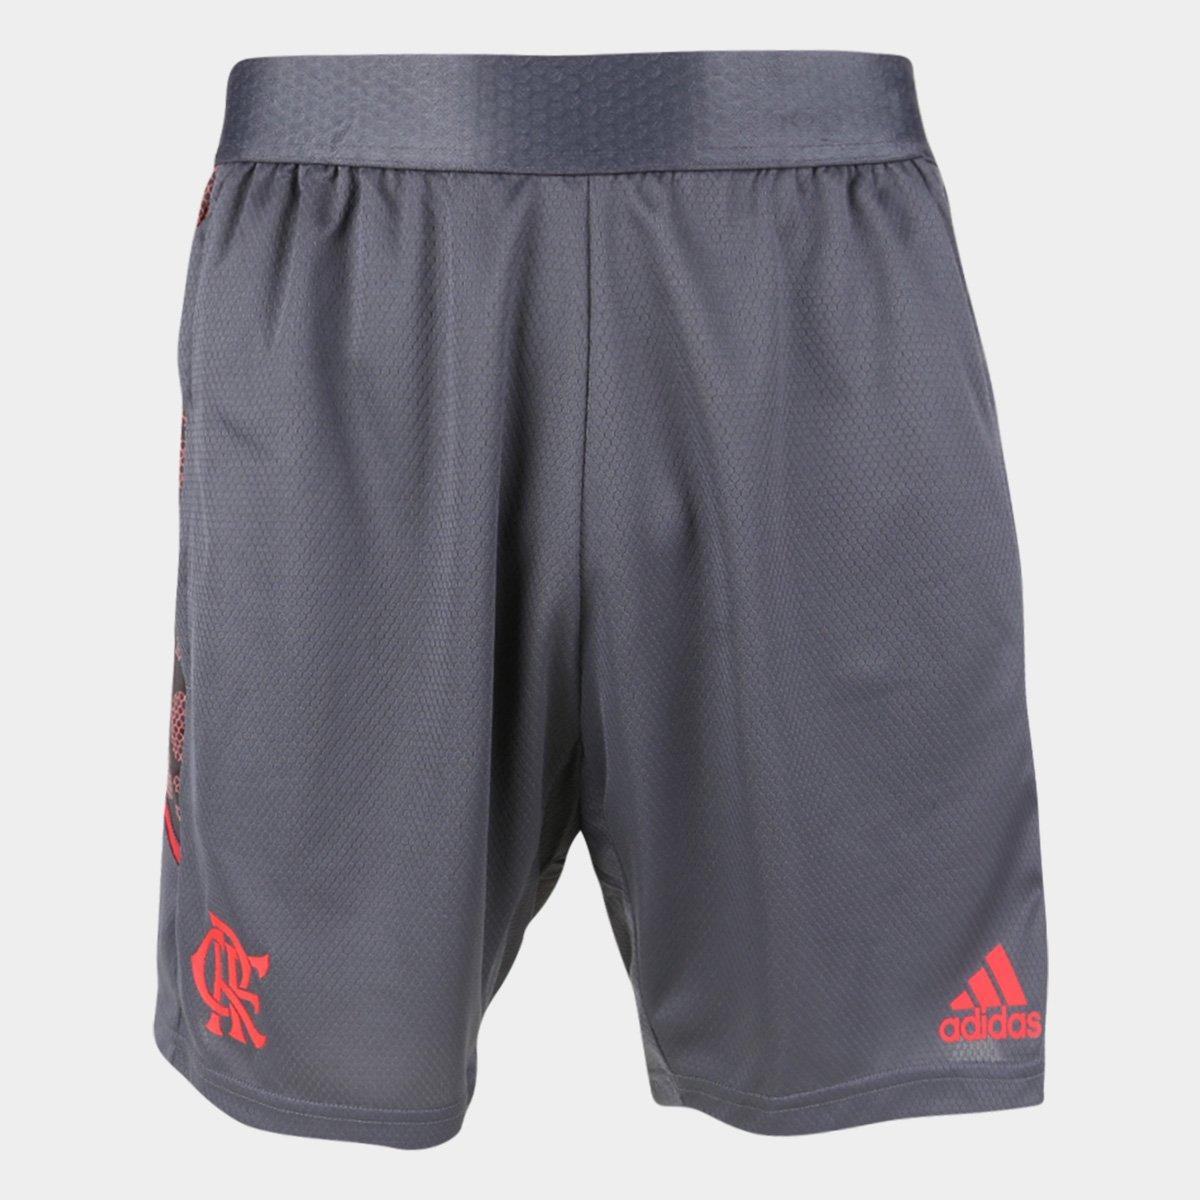 Calção Flamengo Treino 21/22 Adidas Masculino